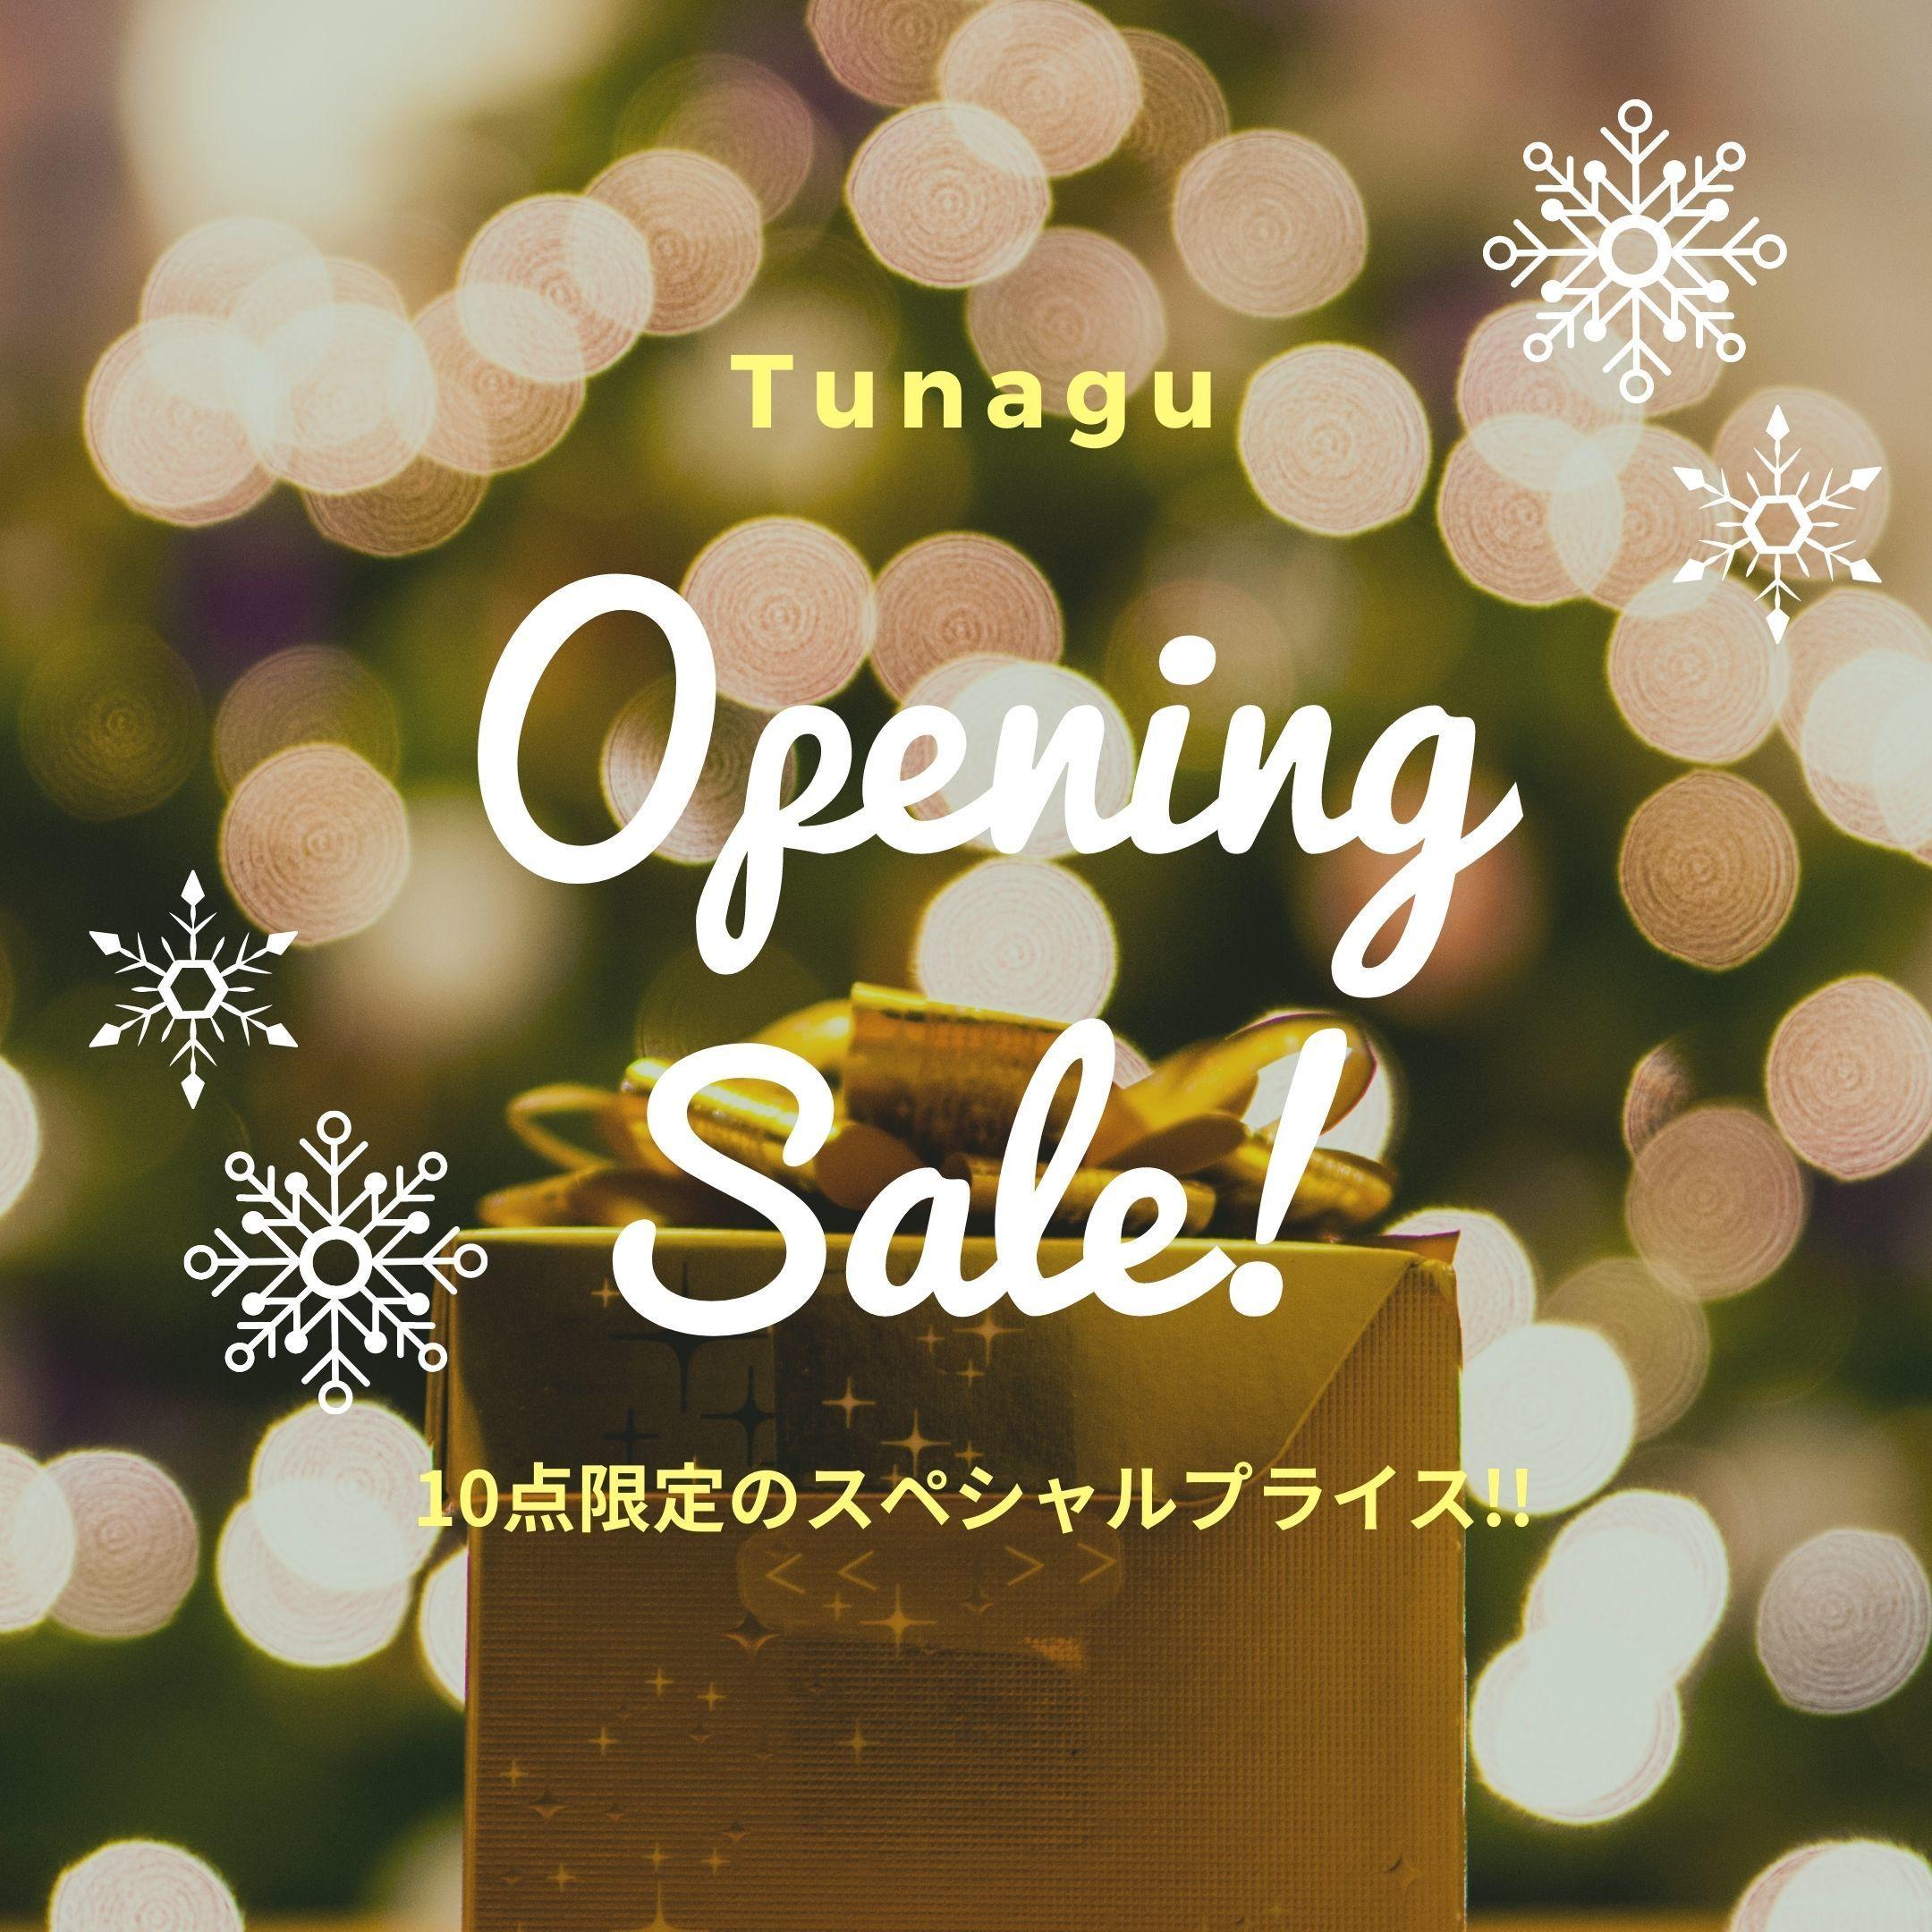 new open!